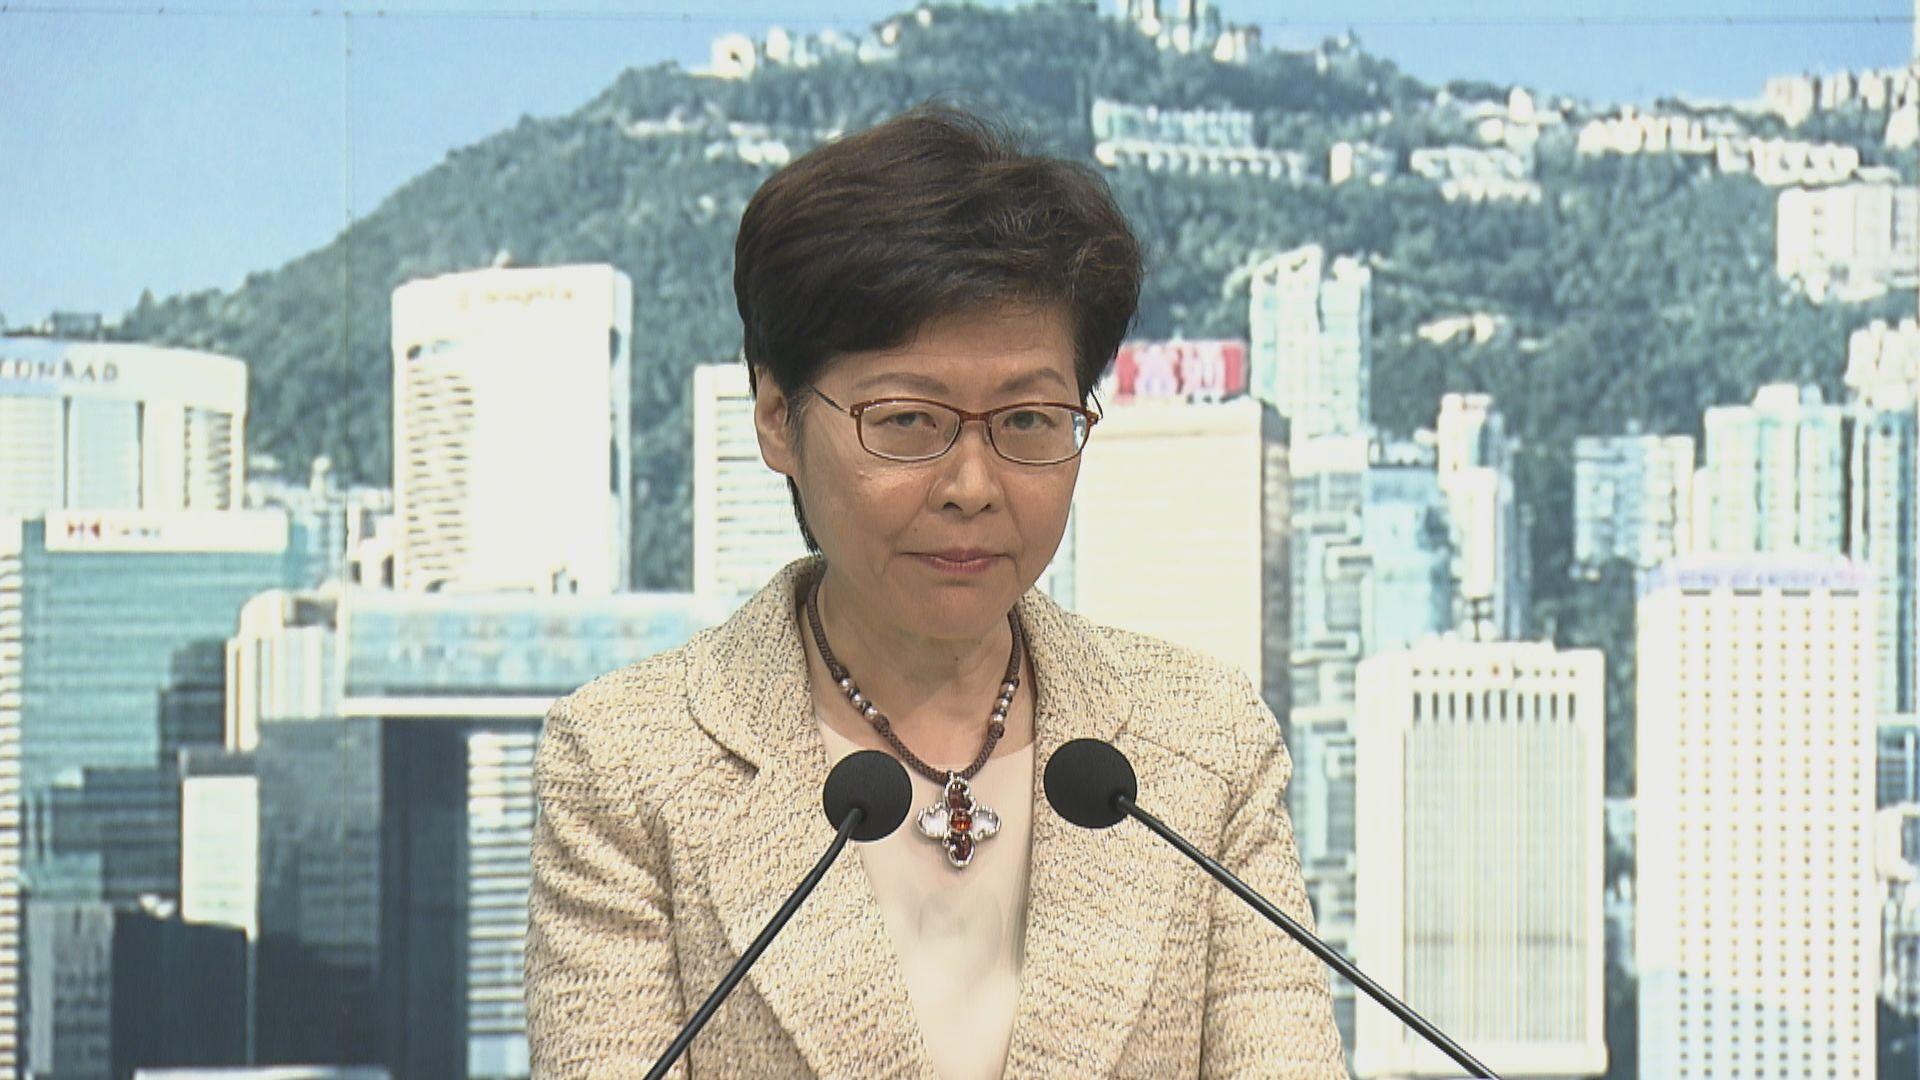 【最新】林鄭月娥:外傭強制檢測不涉任何歧視 將重新審視續約前須打針安排